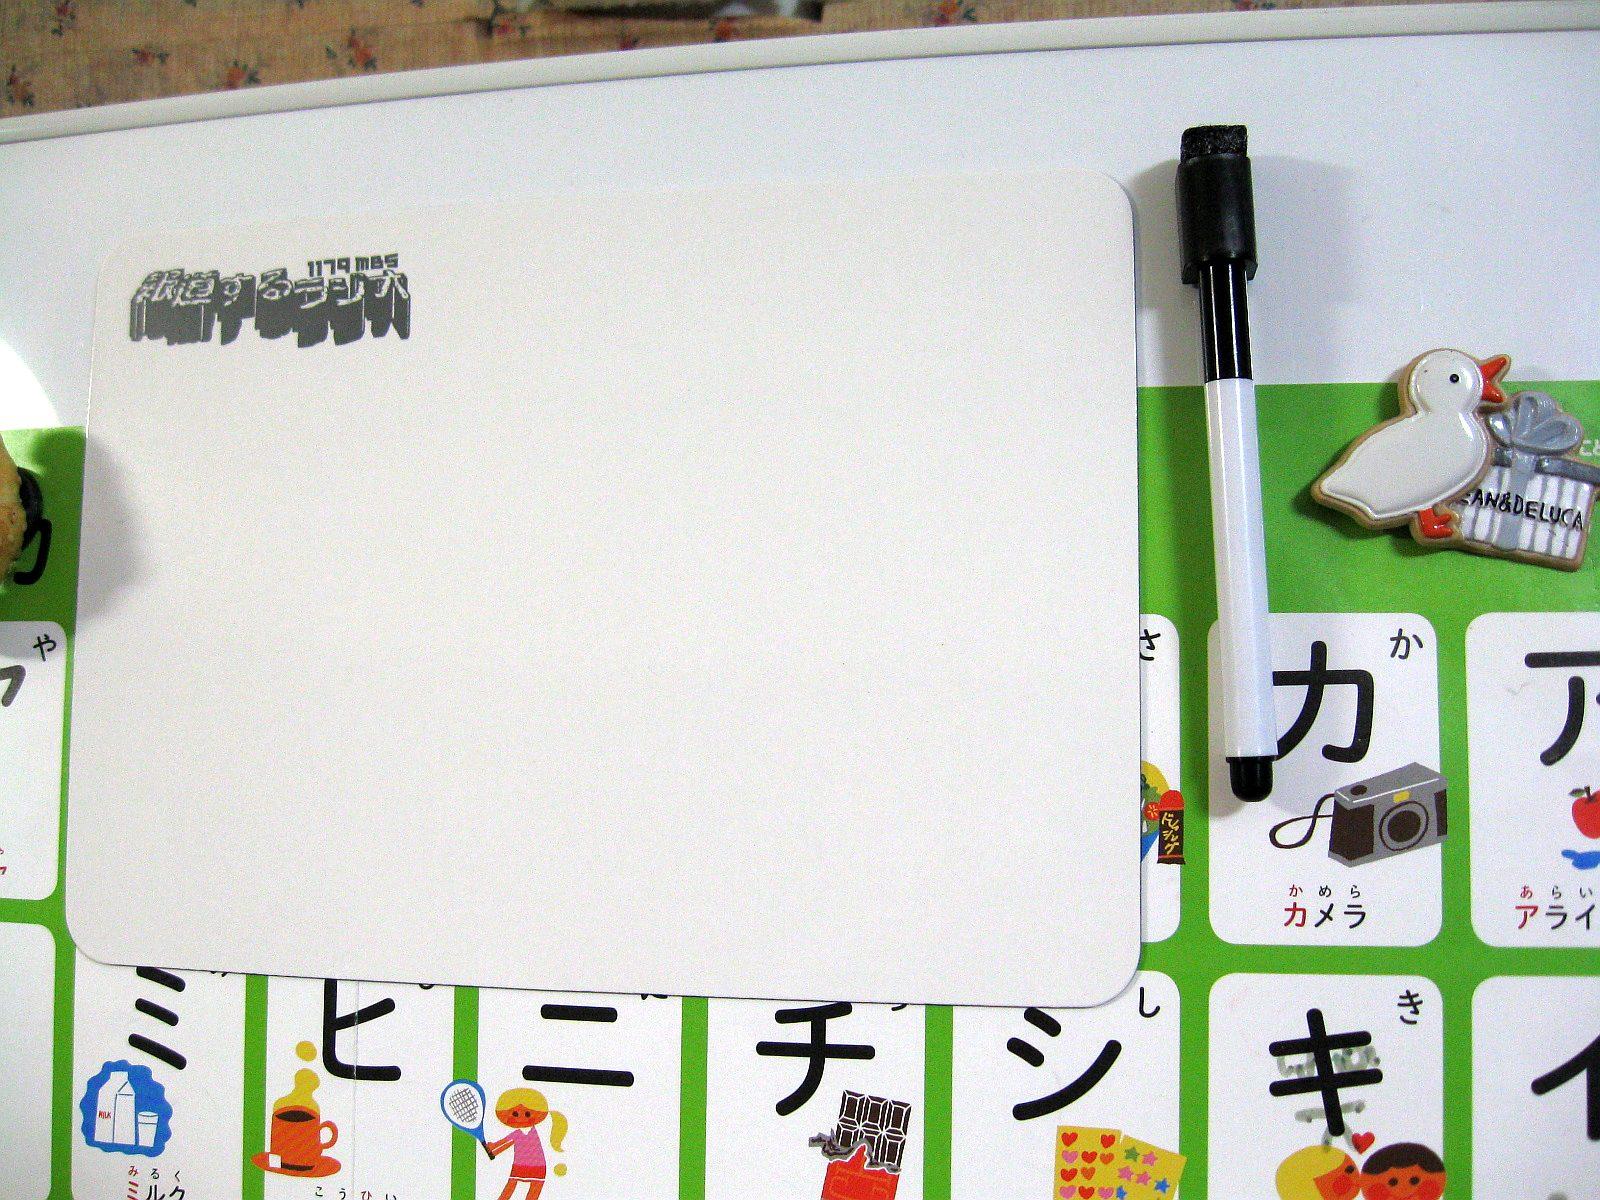 「報道するラジオ」から届きました。今度は冷蔵庫用マグネットホワイトボードみたいです( ´∀`)... on Twitpic